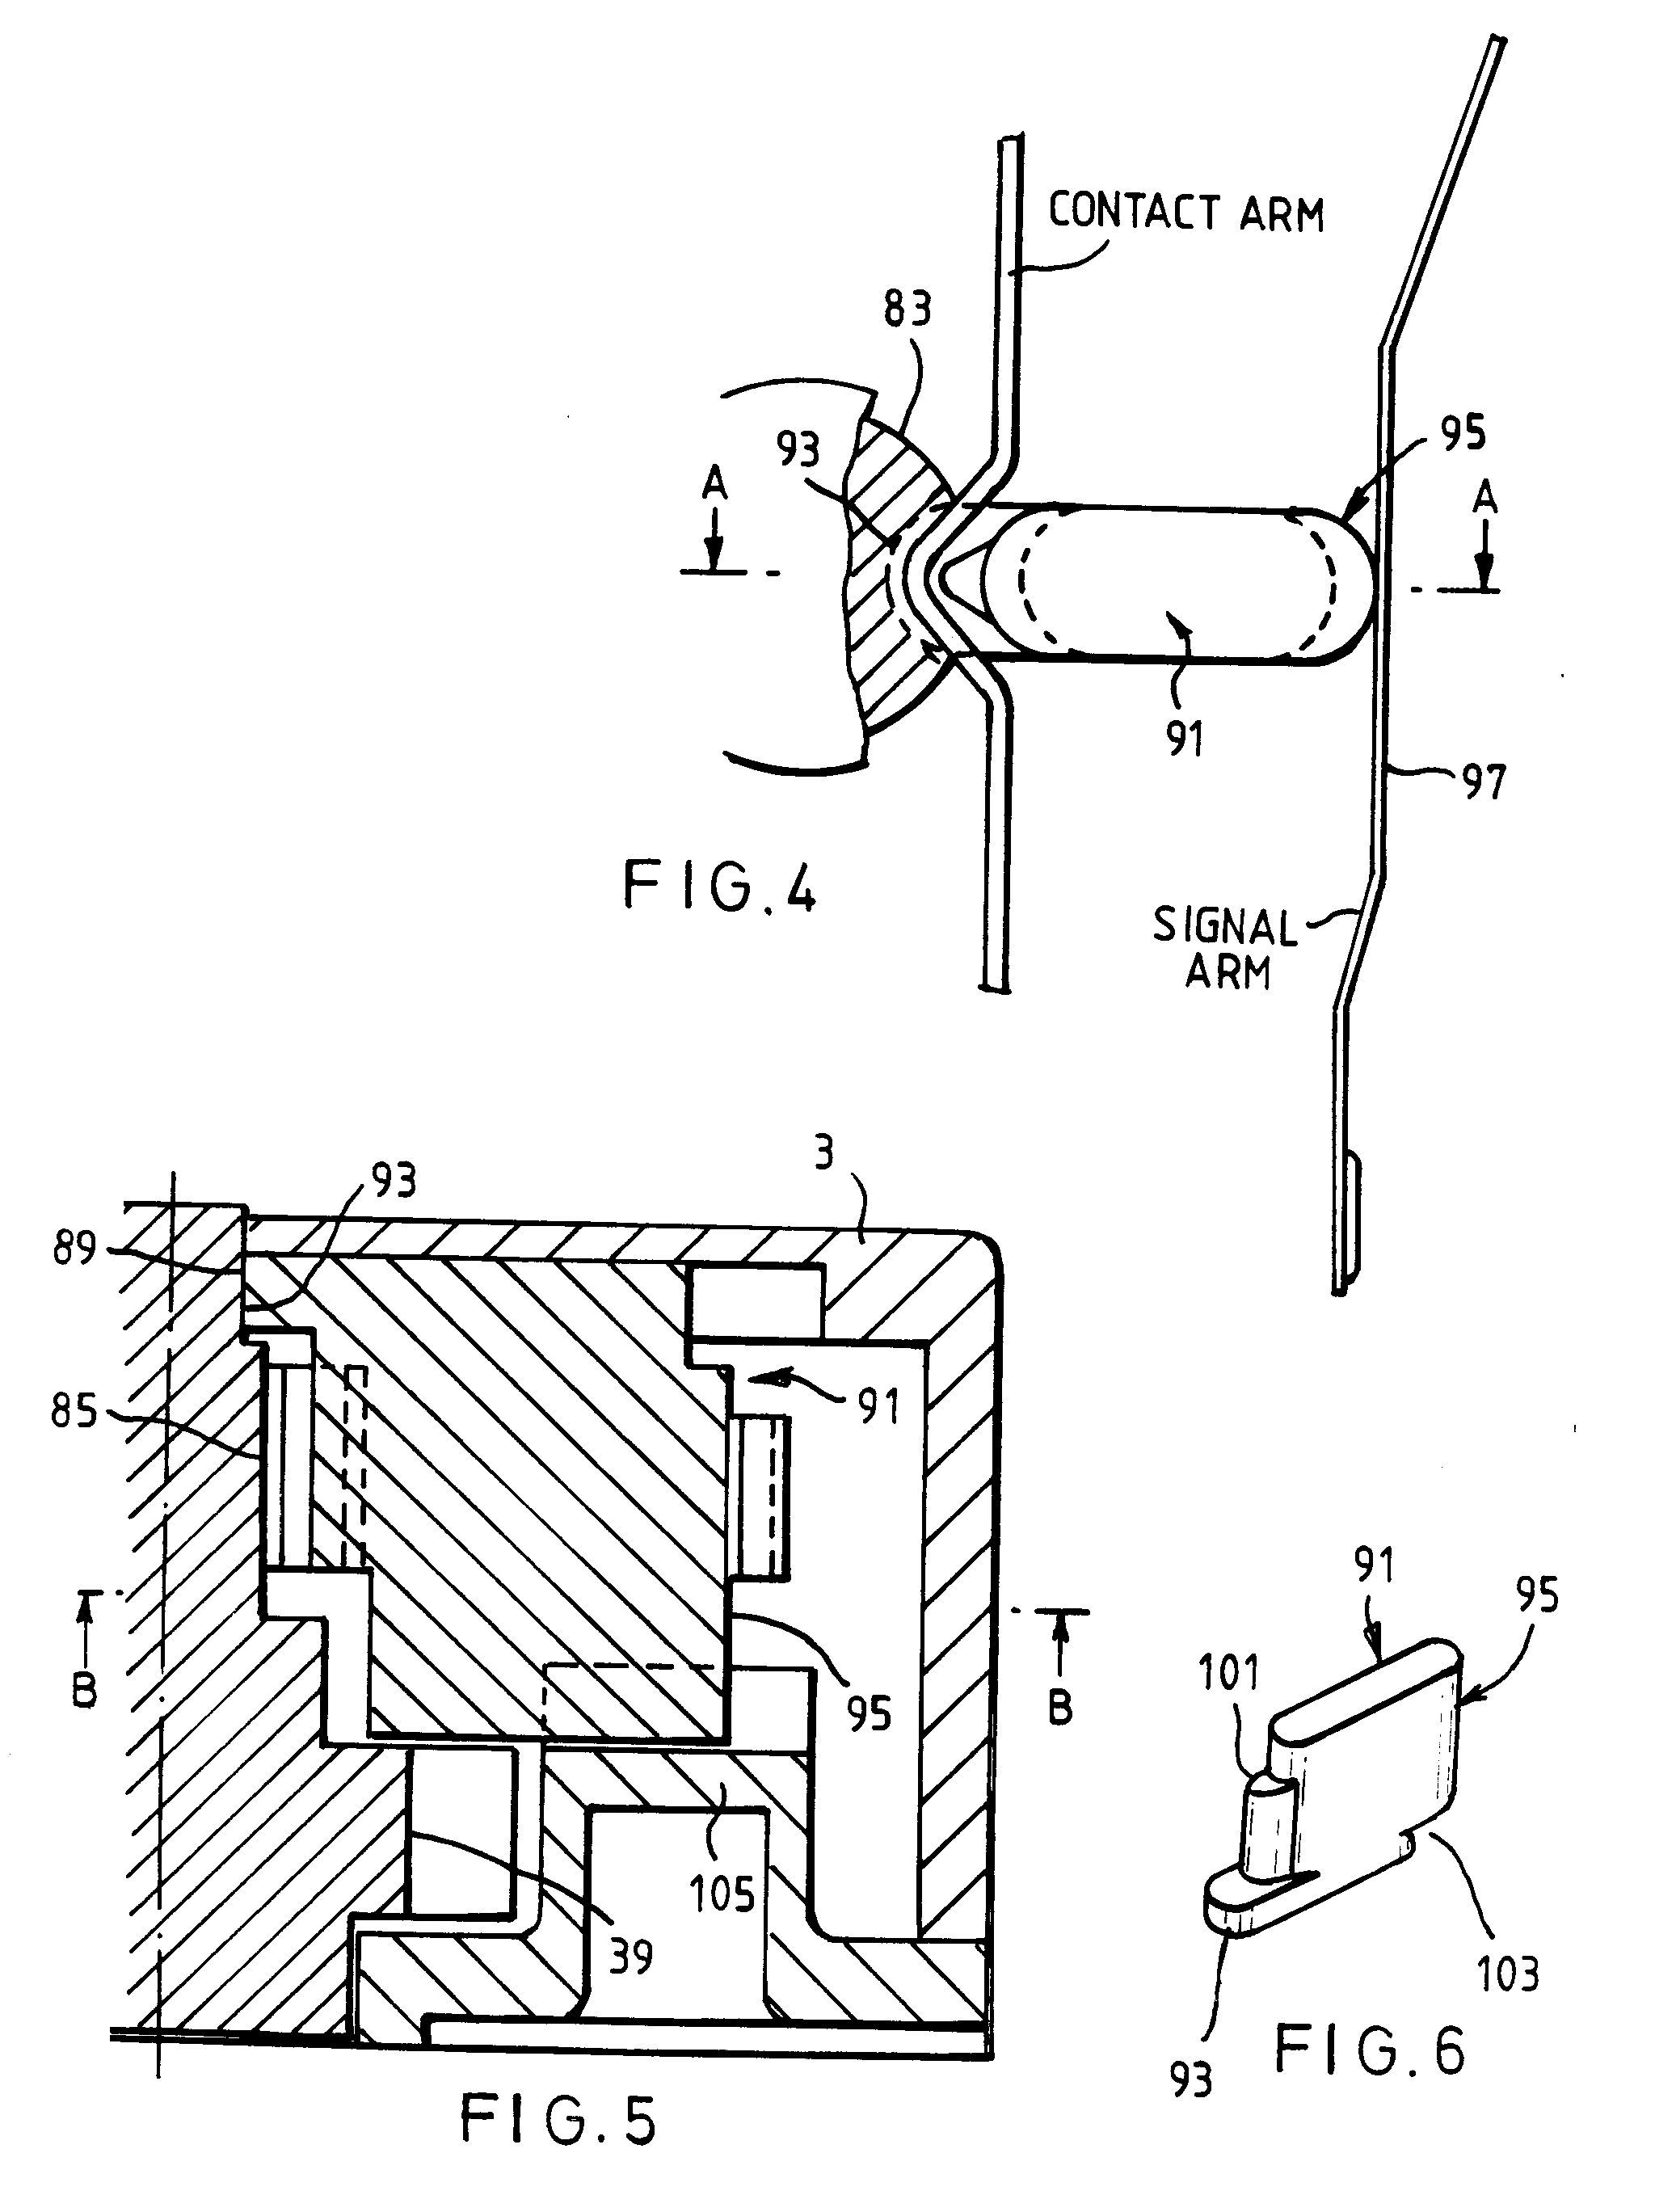 ego simmerstat wiring diagram schematics and wiring diagrams on simmerstat wiring diagram